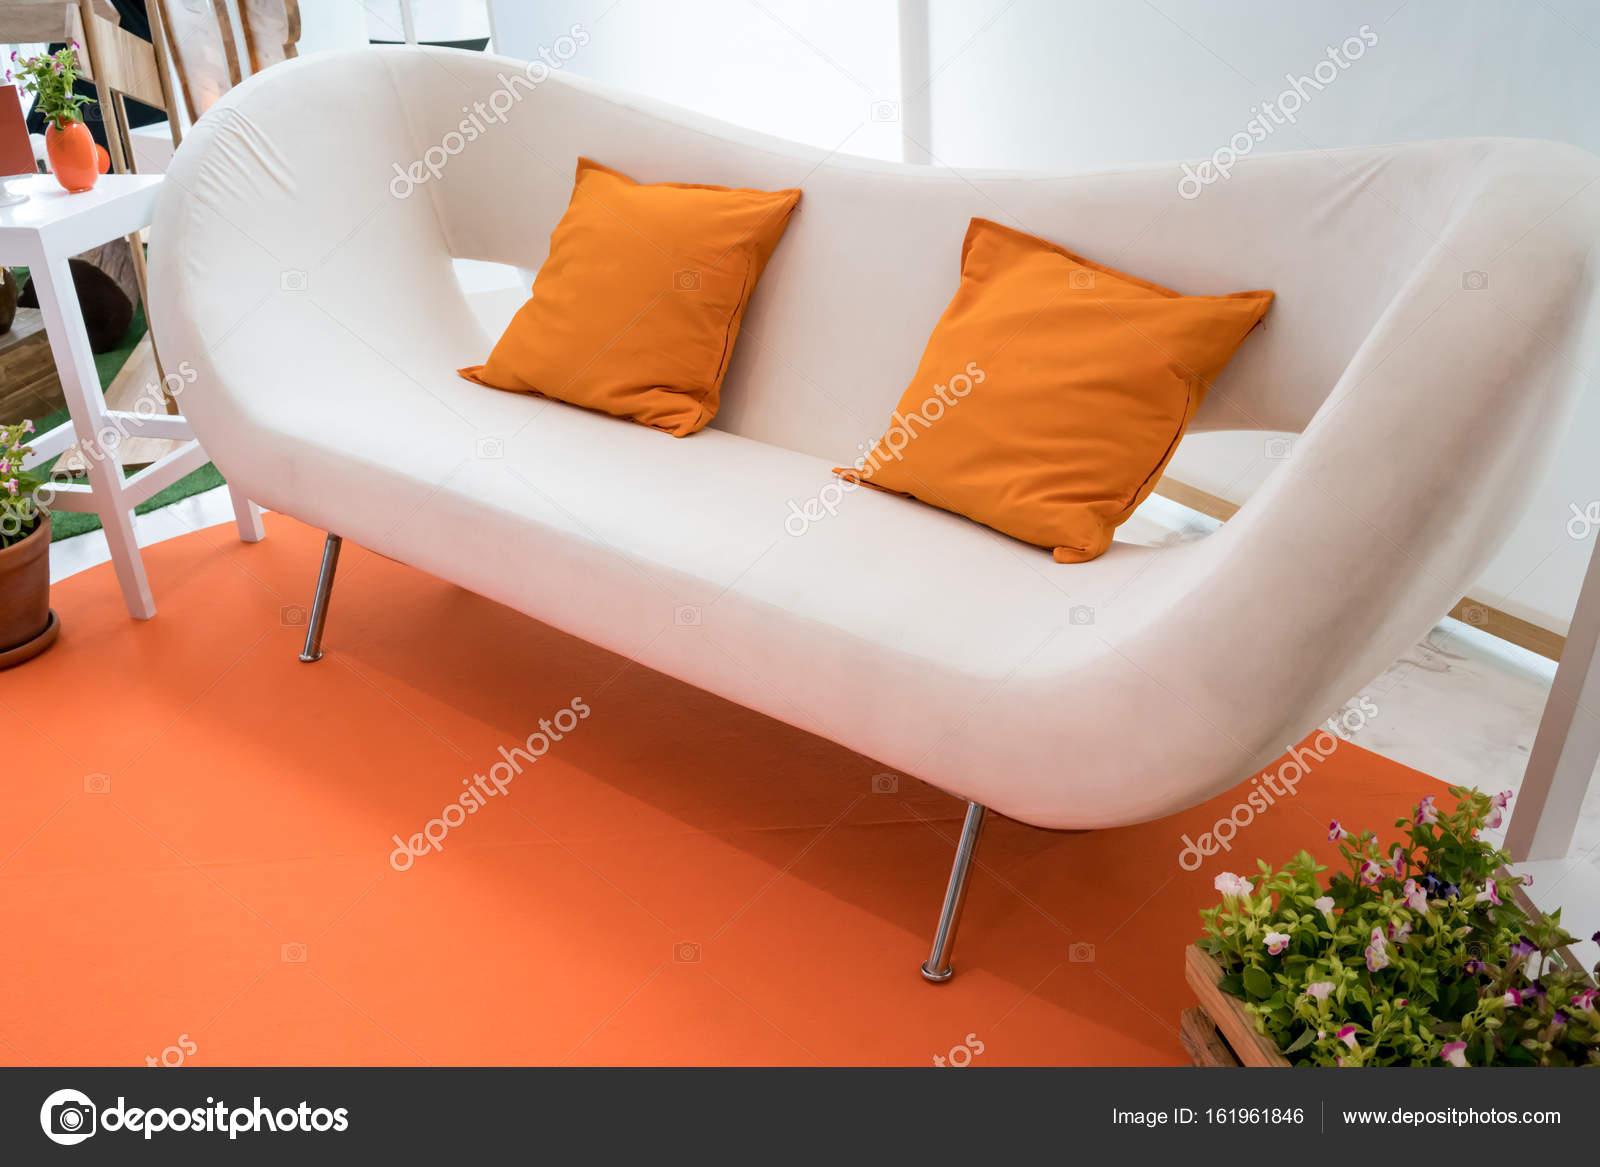 Wohnzimmer-Anzeige in orange Thema hautnah — Stockfoto © v74 #161961846